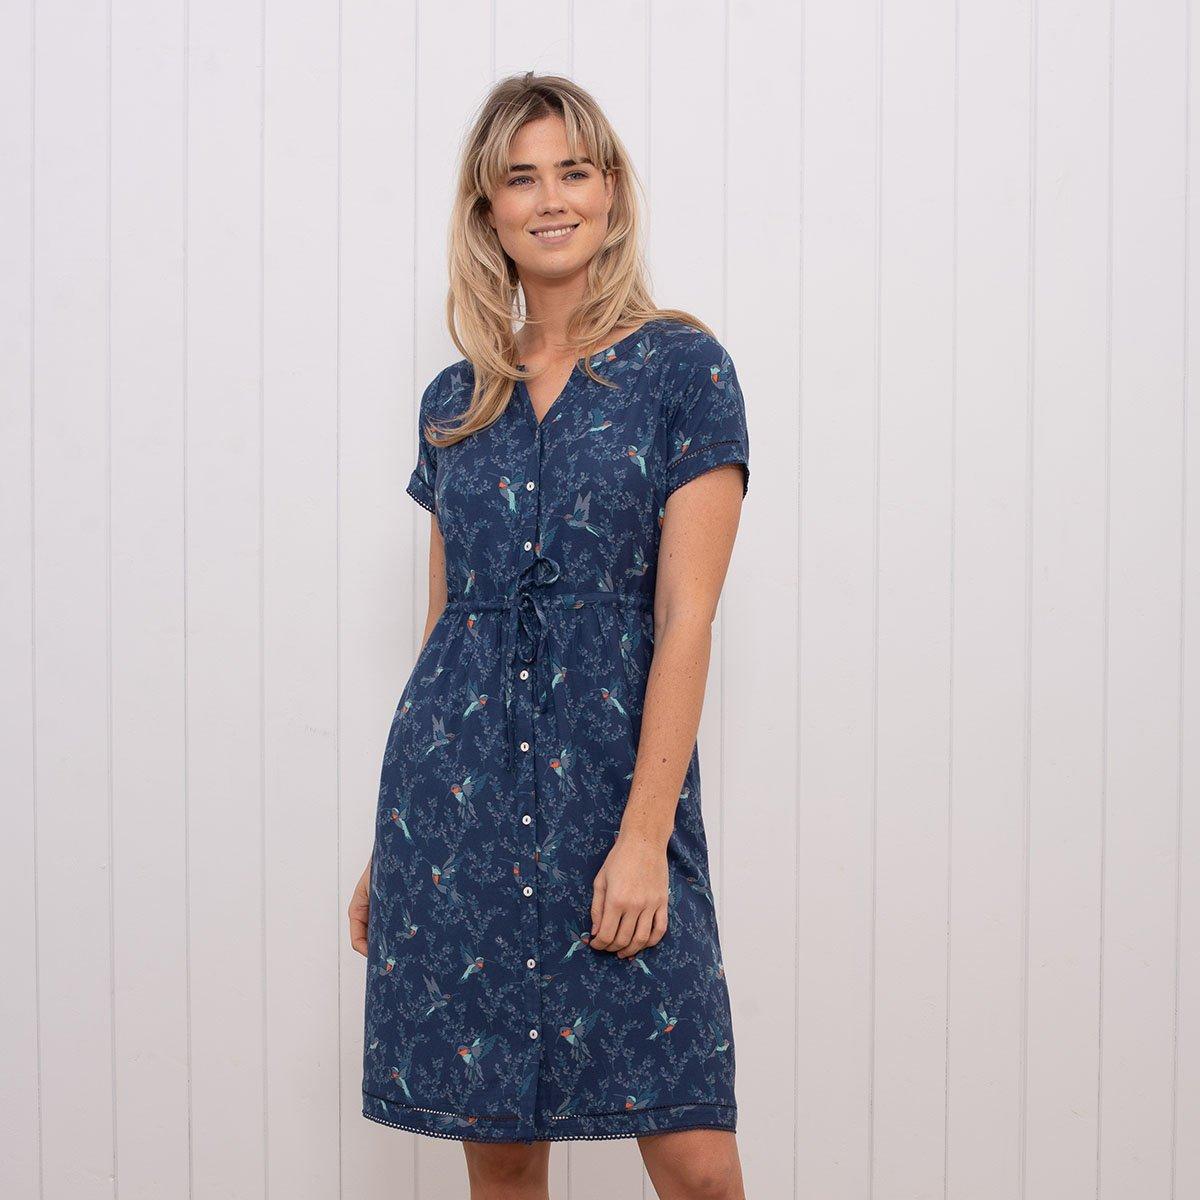 8e4ee0e9e0ce Brakeburn Modré šaty s potlačou kolibríkov - JoyStore.sk